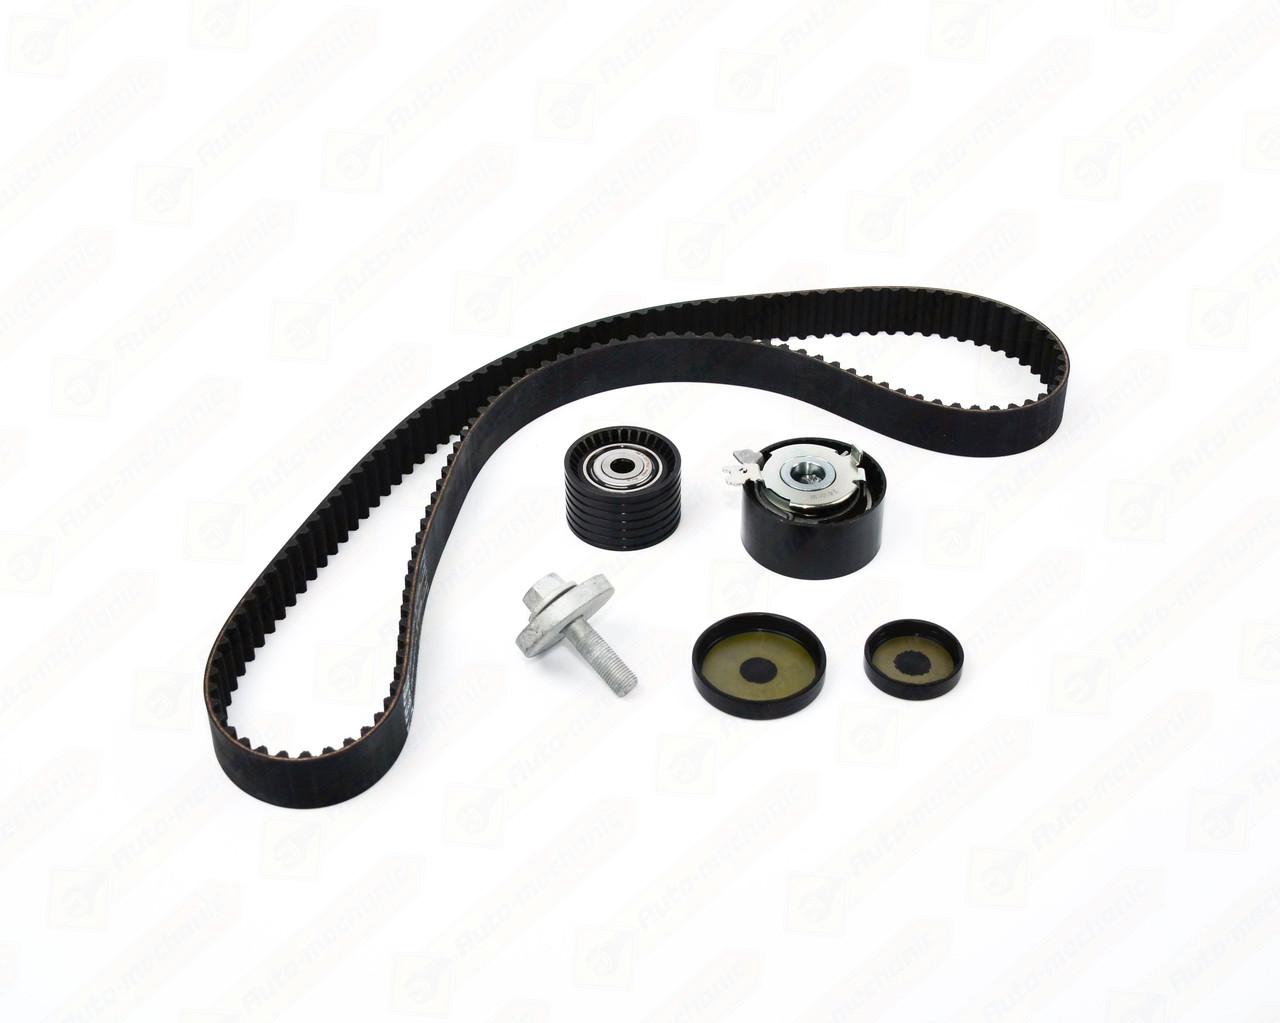 Комплект натяжитель + ролик + ремень ГРМ на Renault Clio III 1.6 16V — SNR - KD455.57